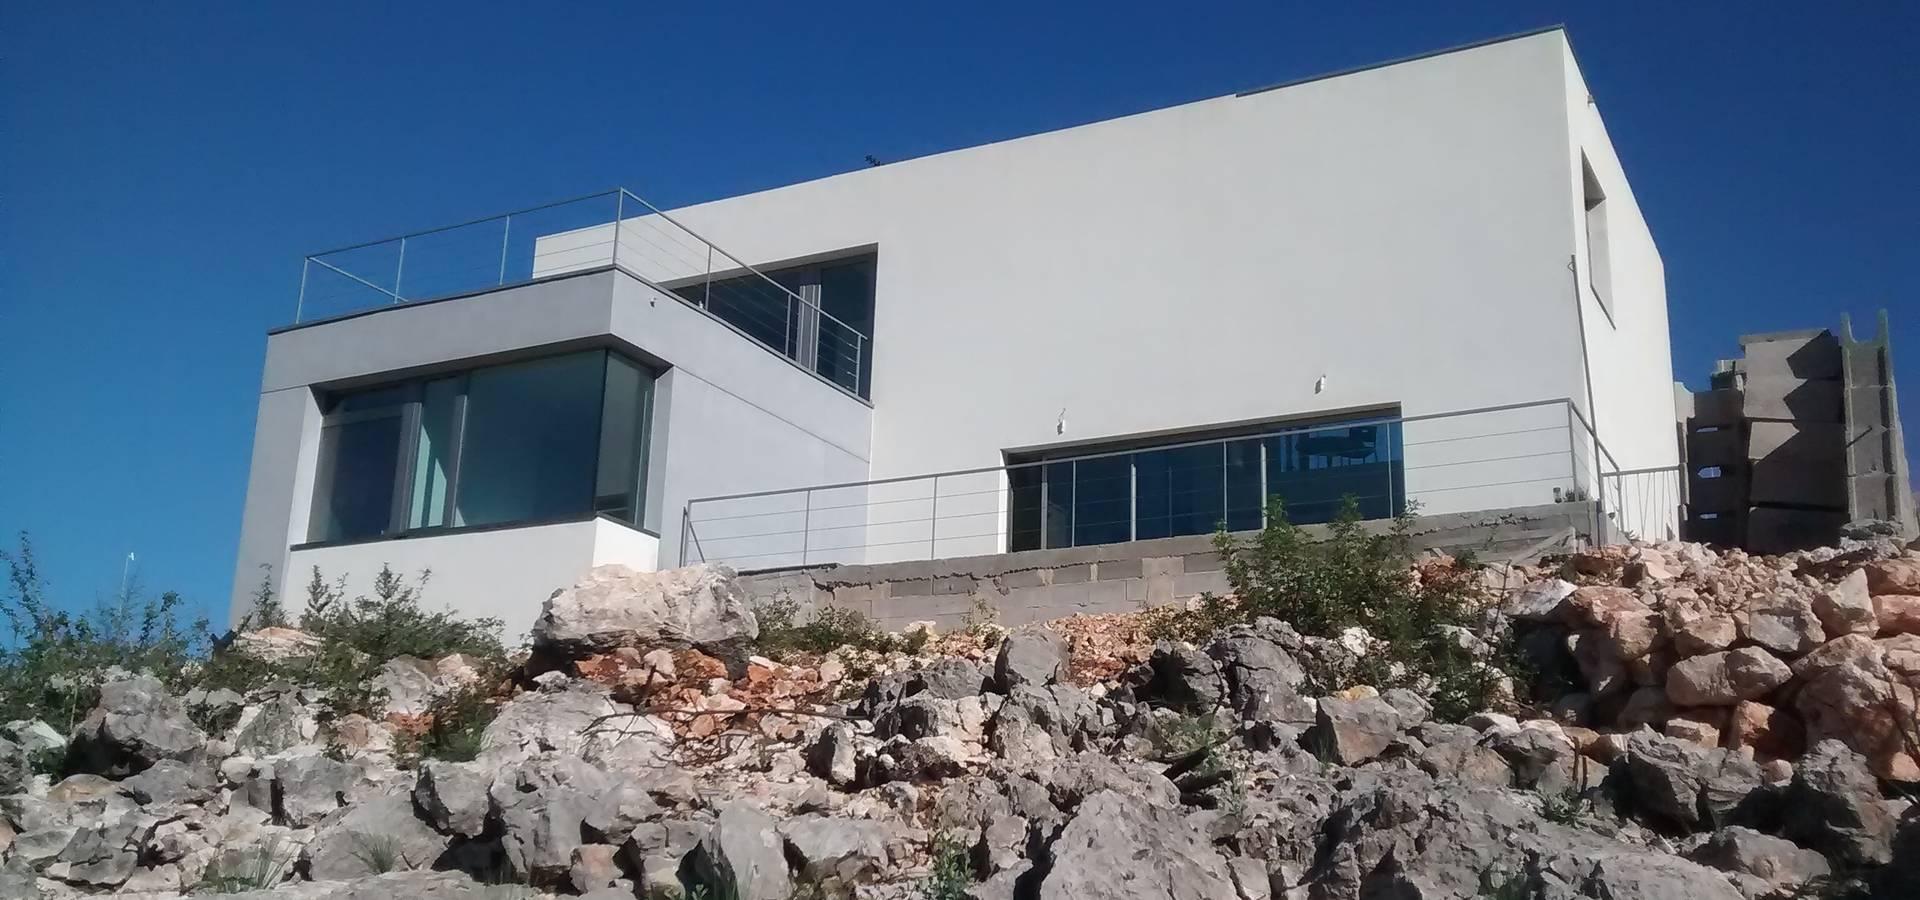 Estudio1403 arquitectos en valencia homify - Arquitectos en valencia ...